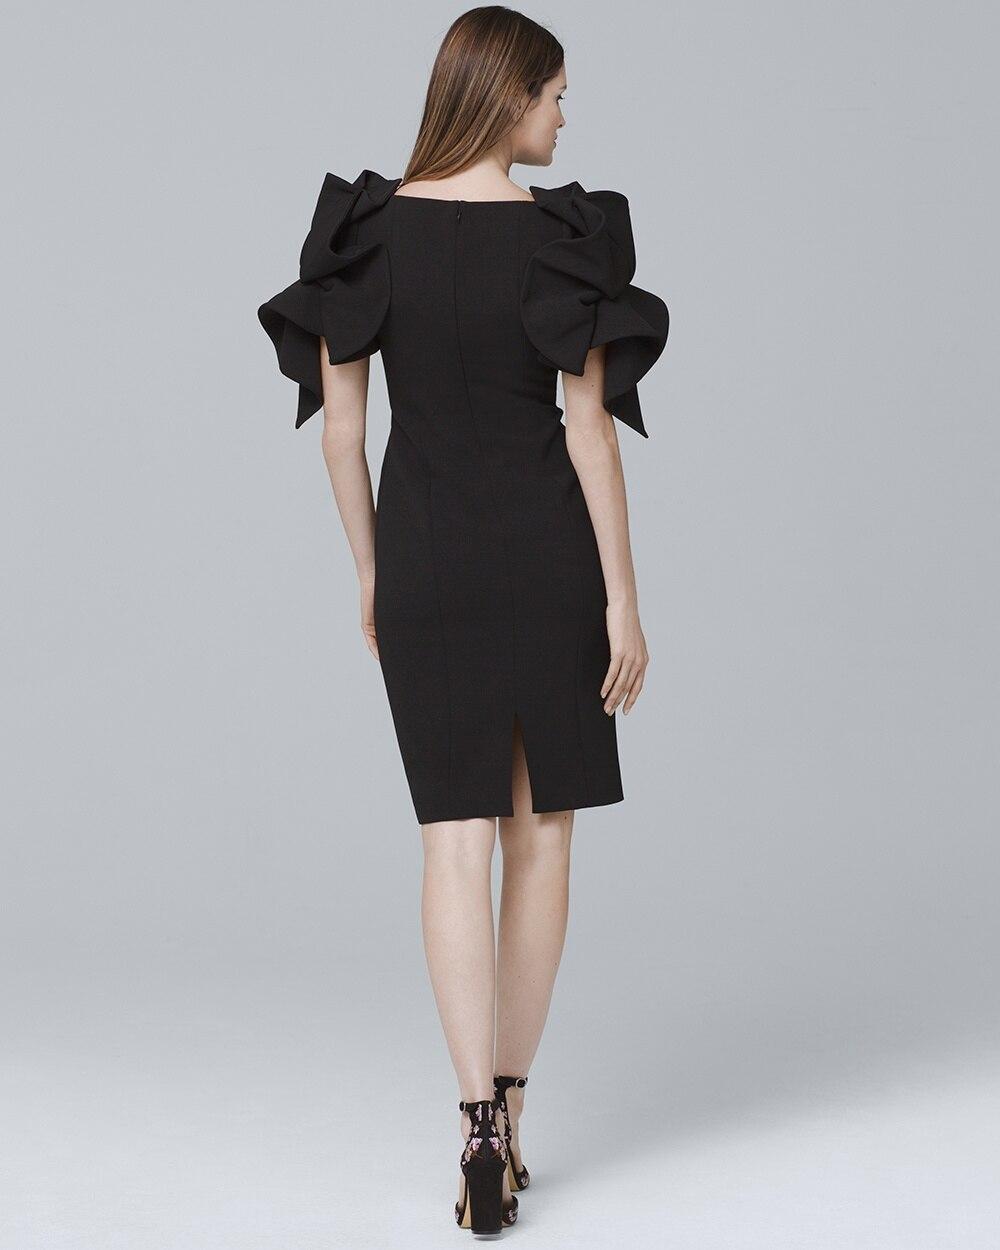 Origami Sleeve Dress White House Black Market